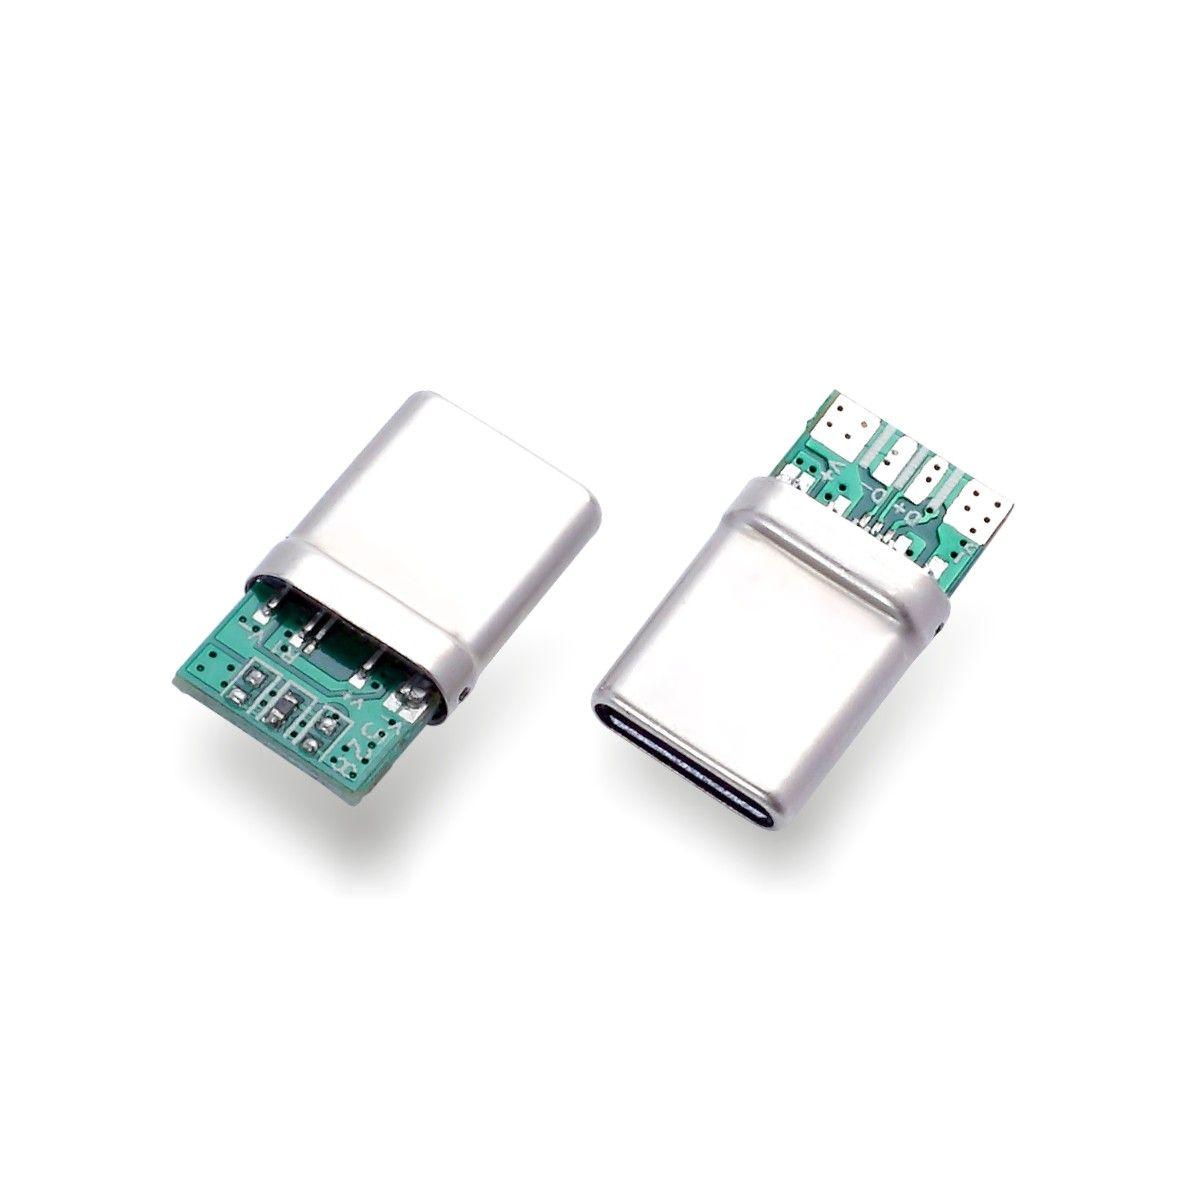 深圳远爱电子USB连接器厂家